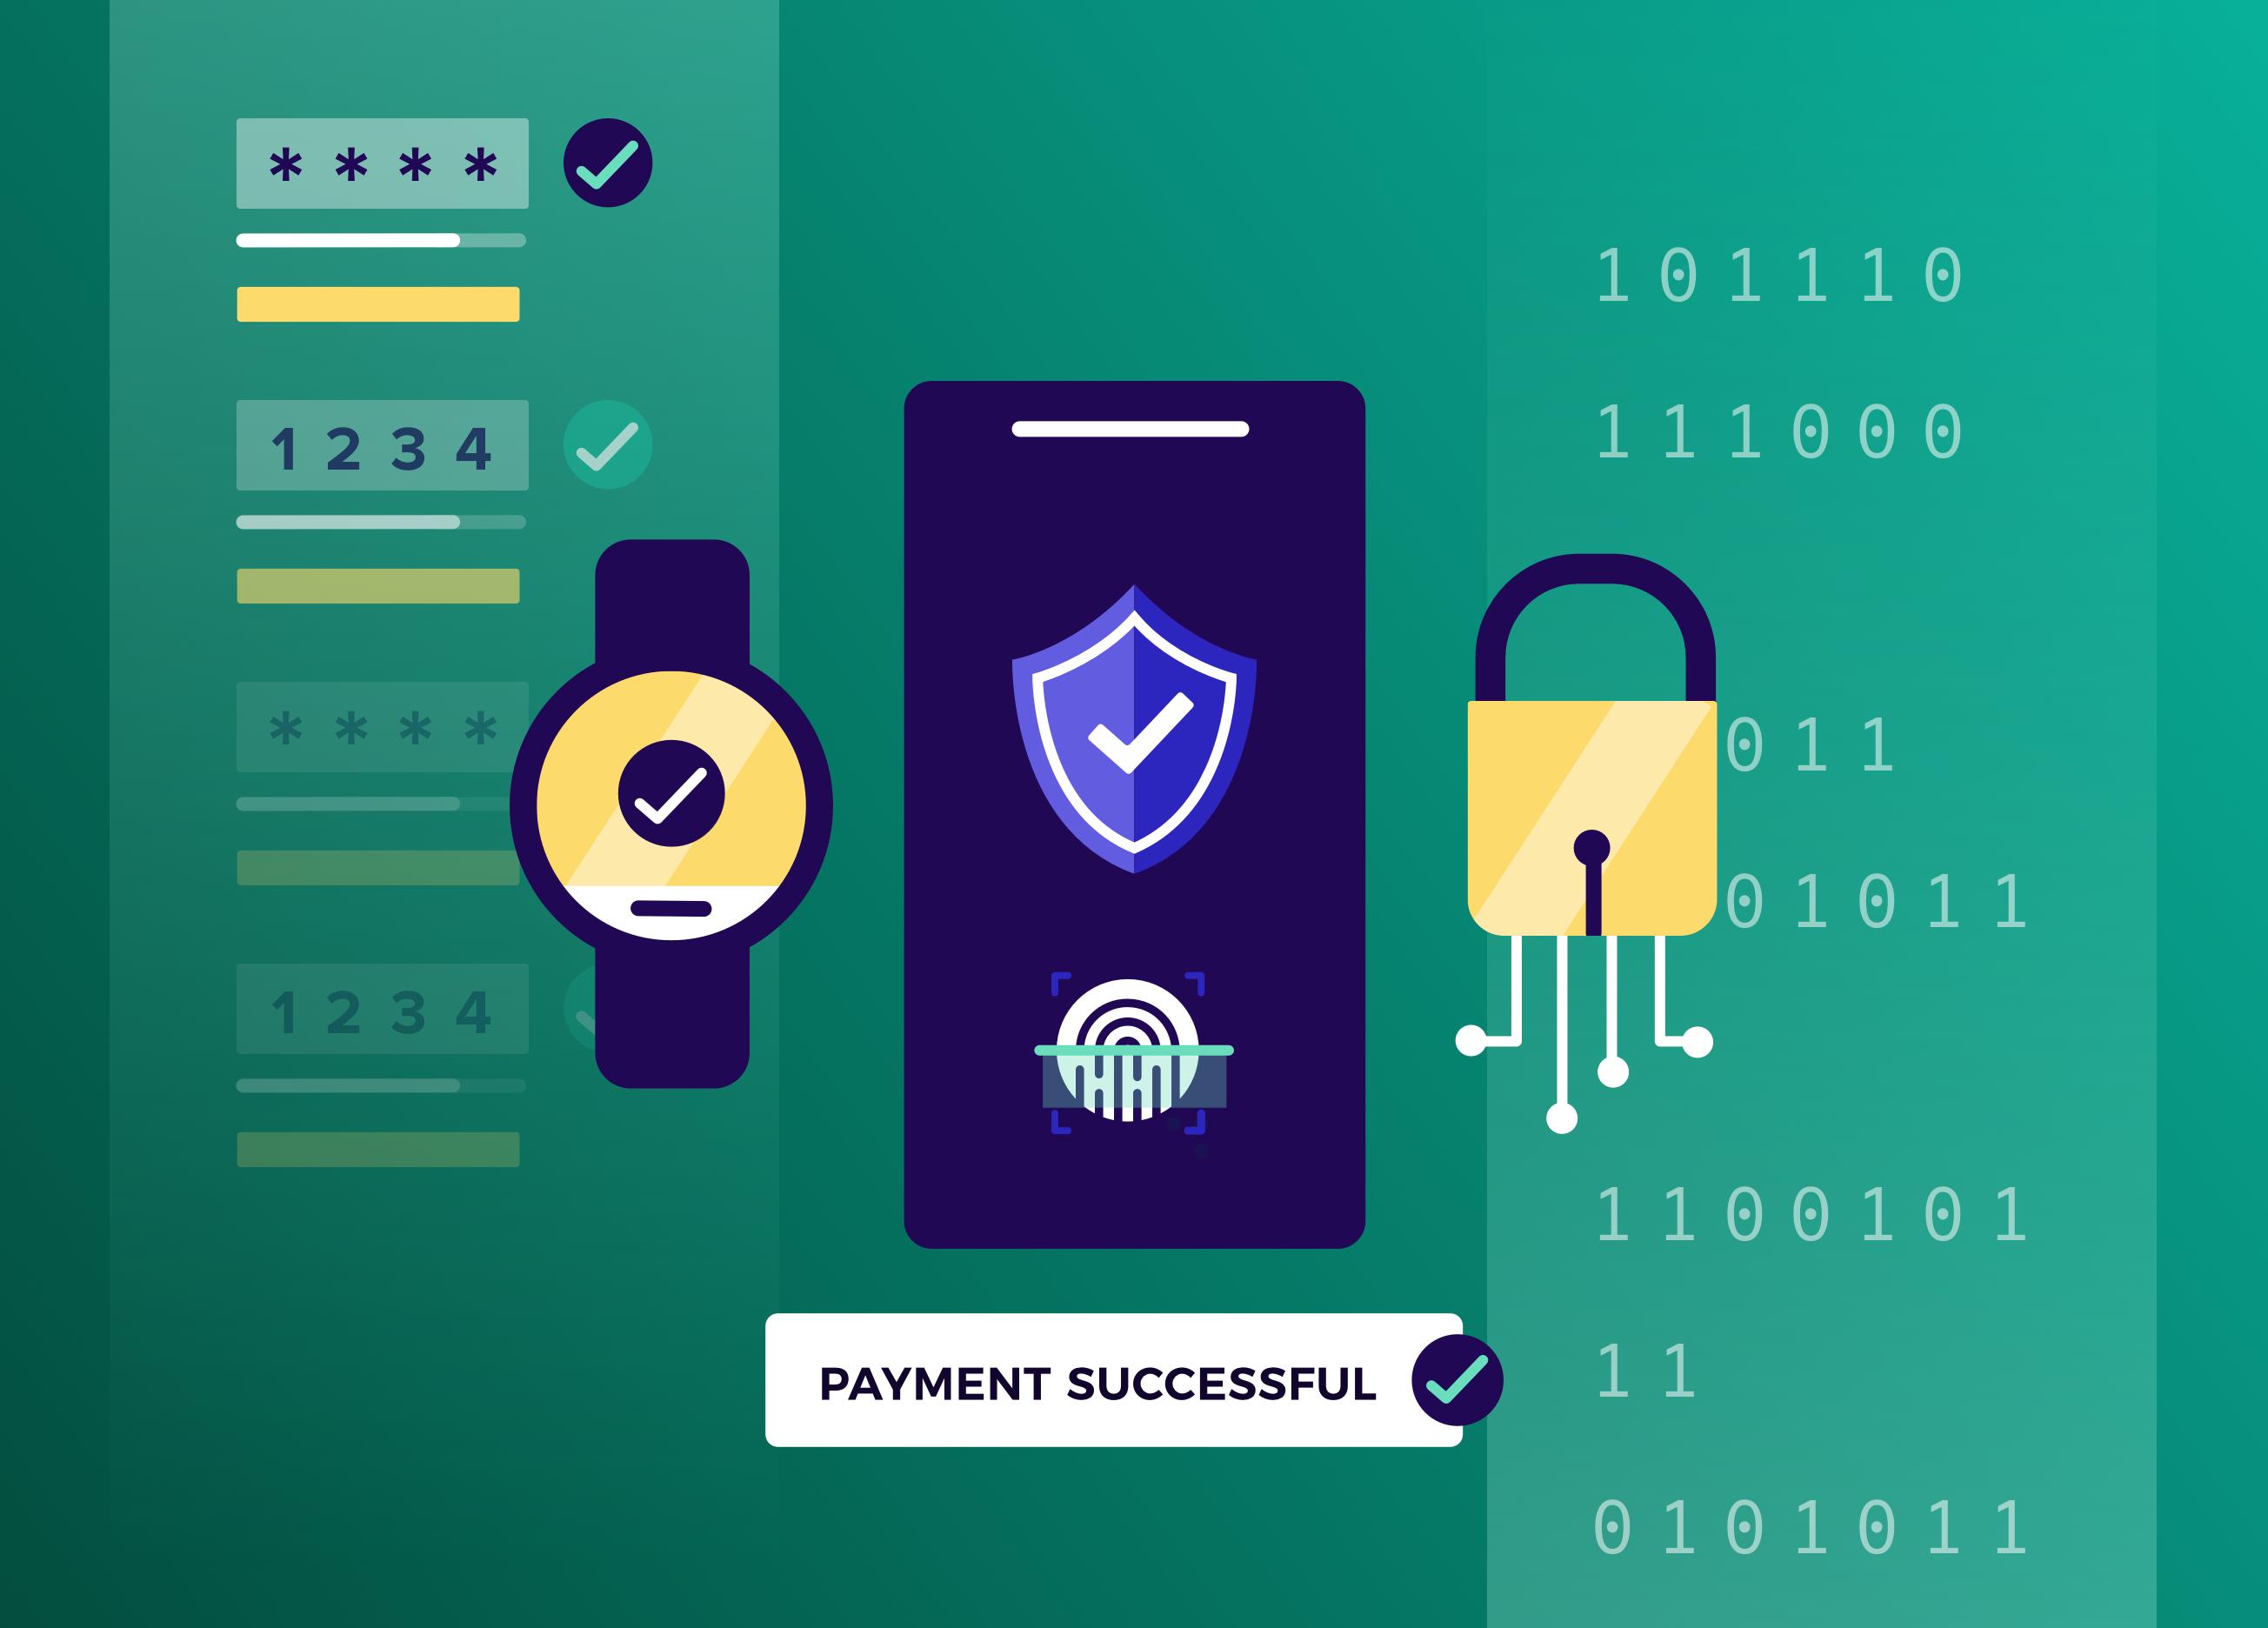 Фінансова компанія Max Express оновила правила ідентифікації клієнтів та обліку транзакцій